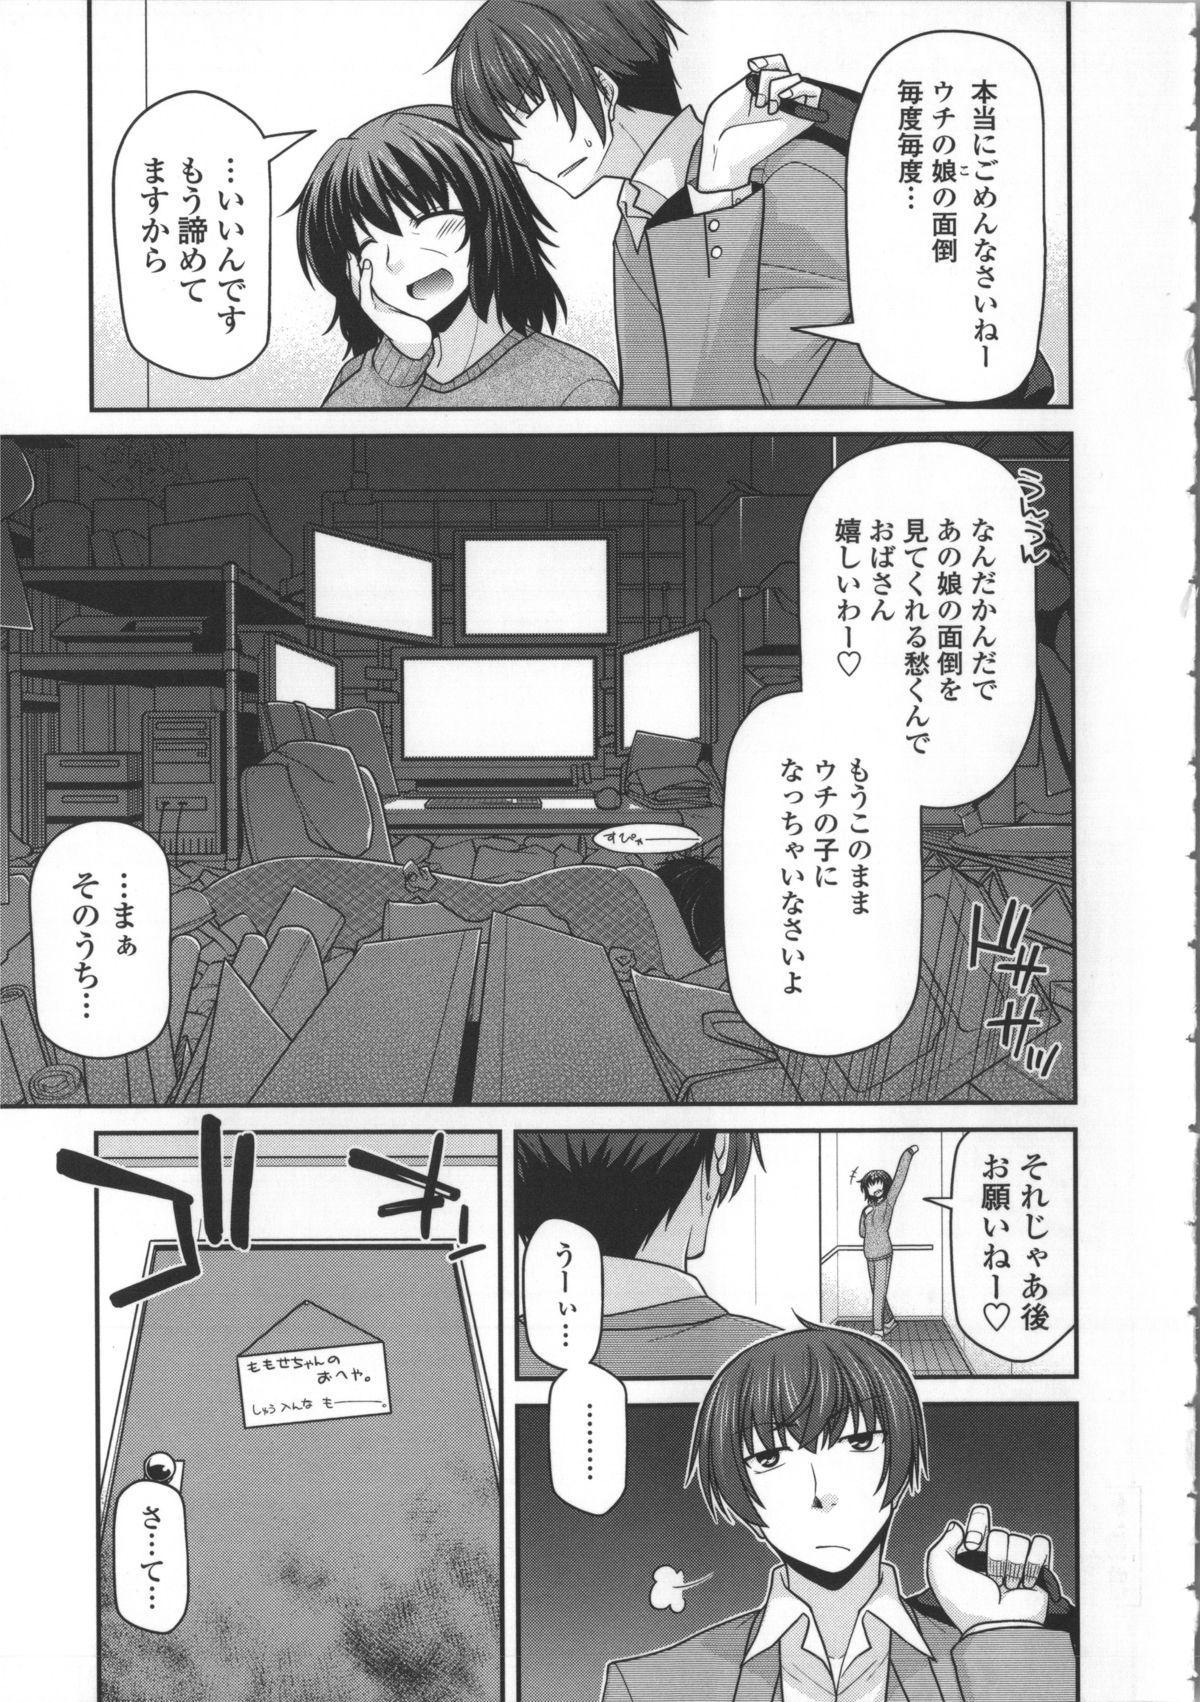 Yamato Nadeshiko Breast Changes 128